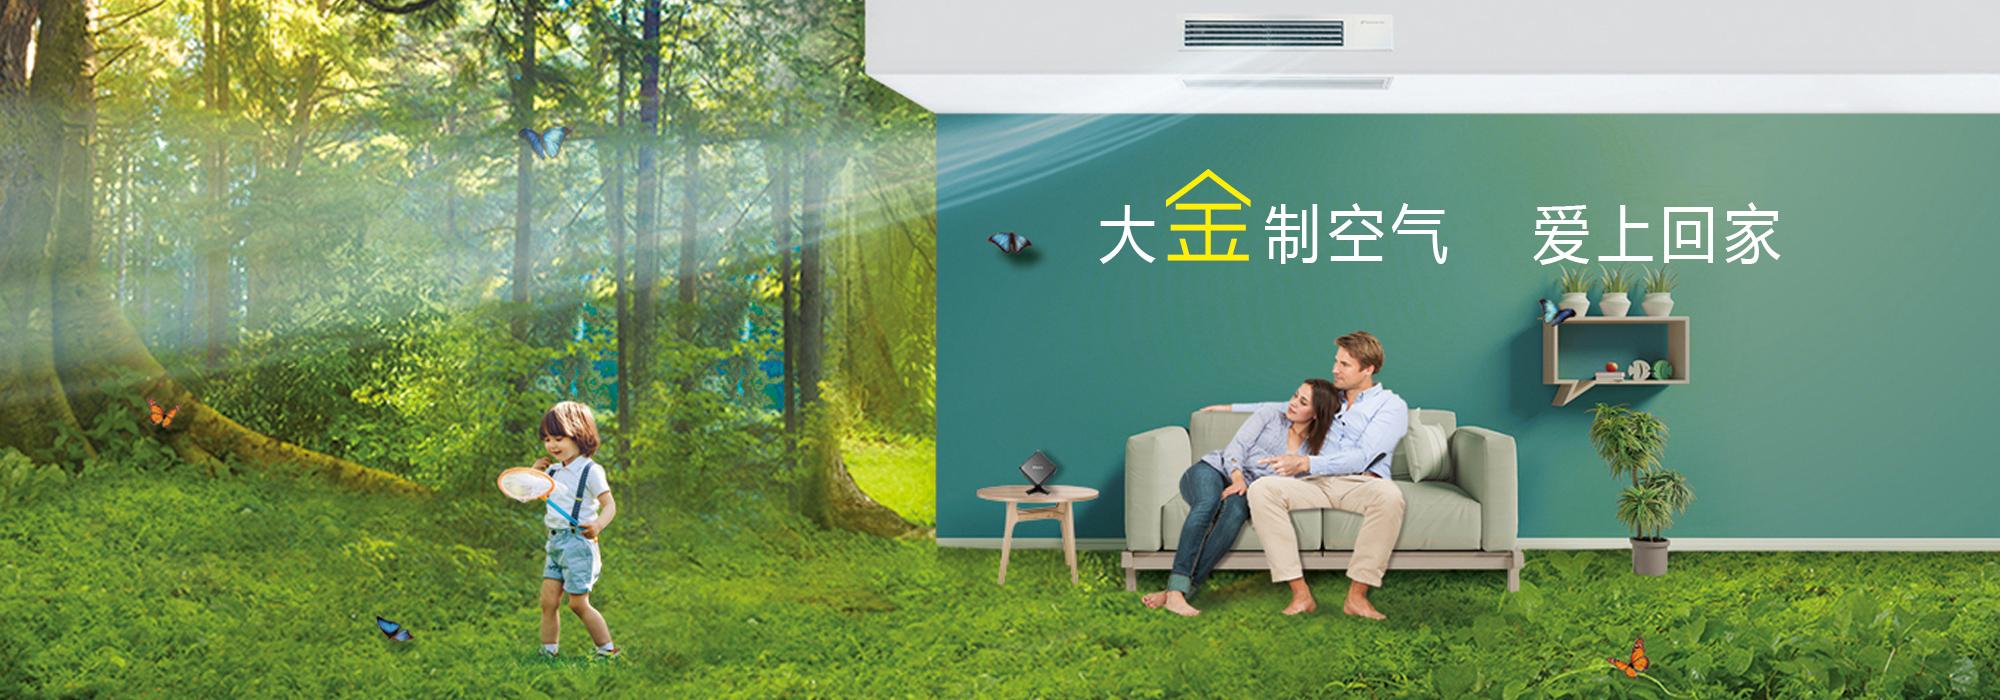 青岛空调价格